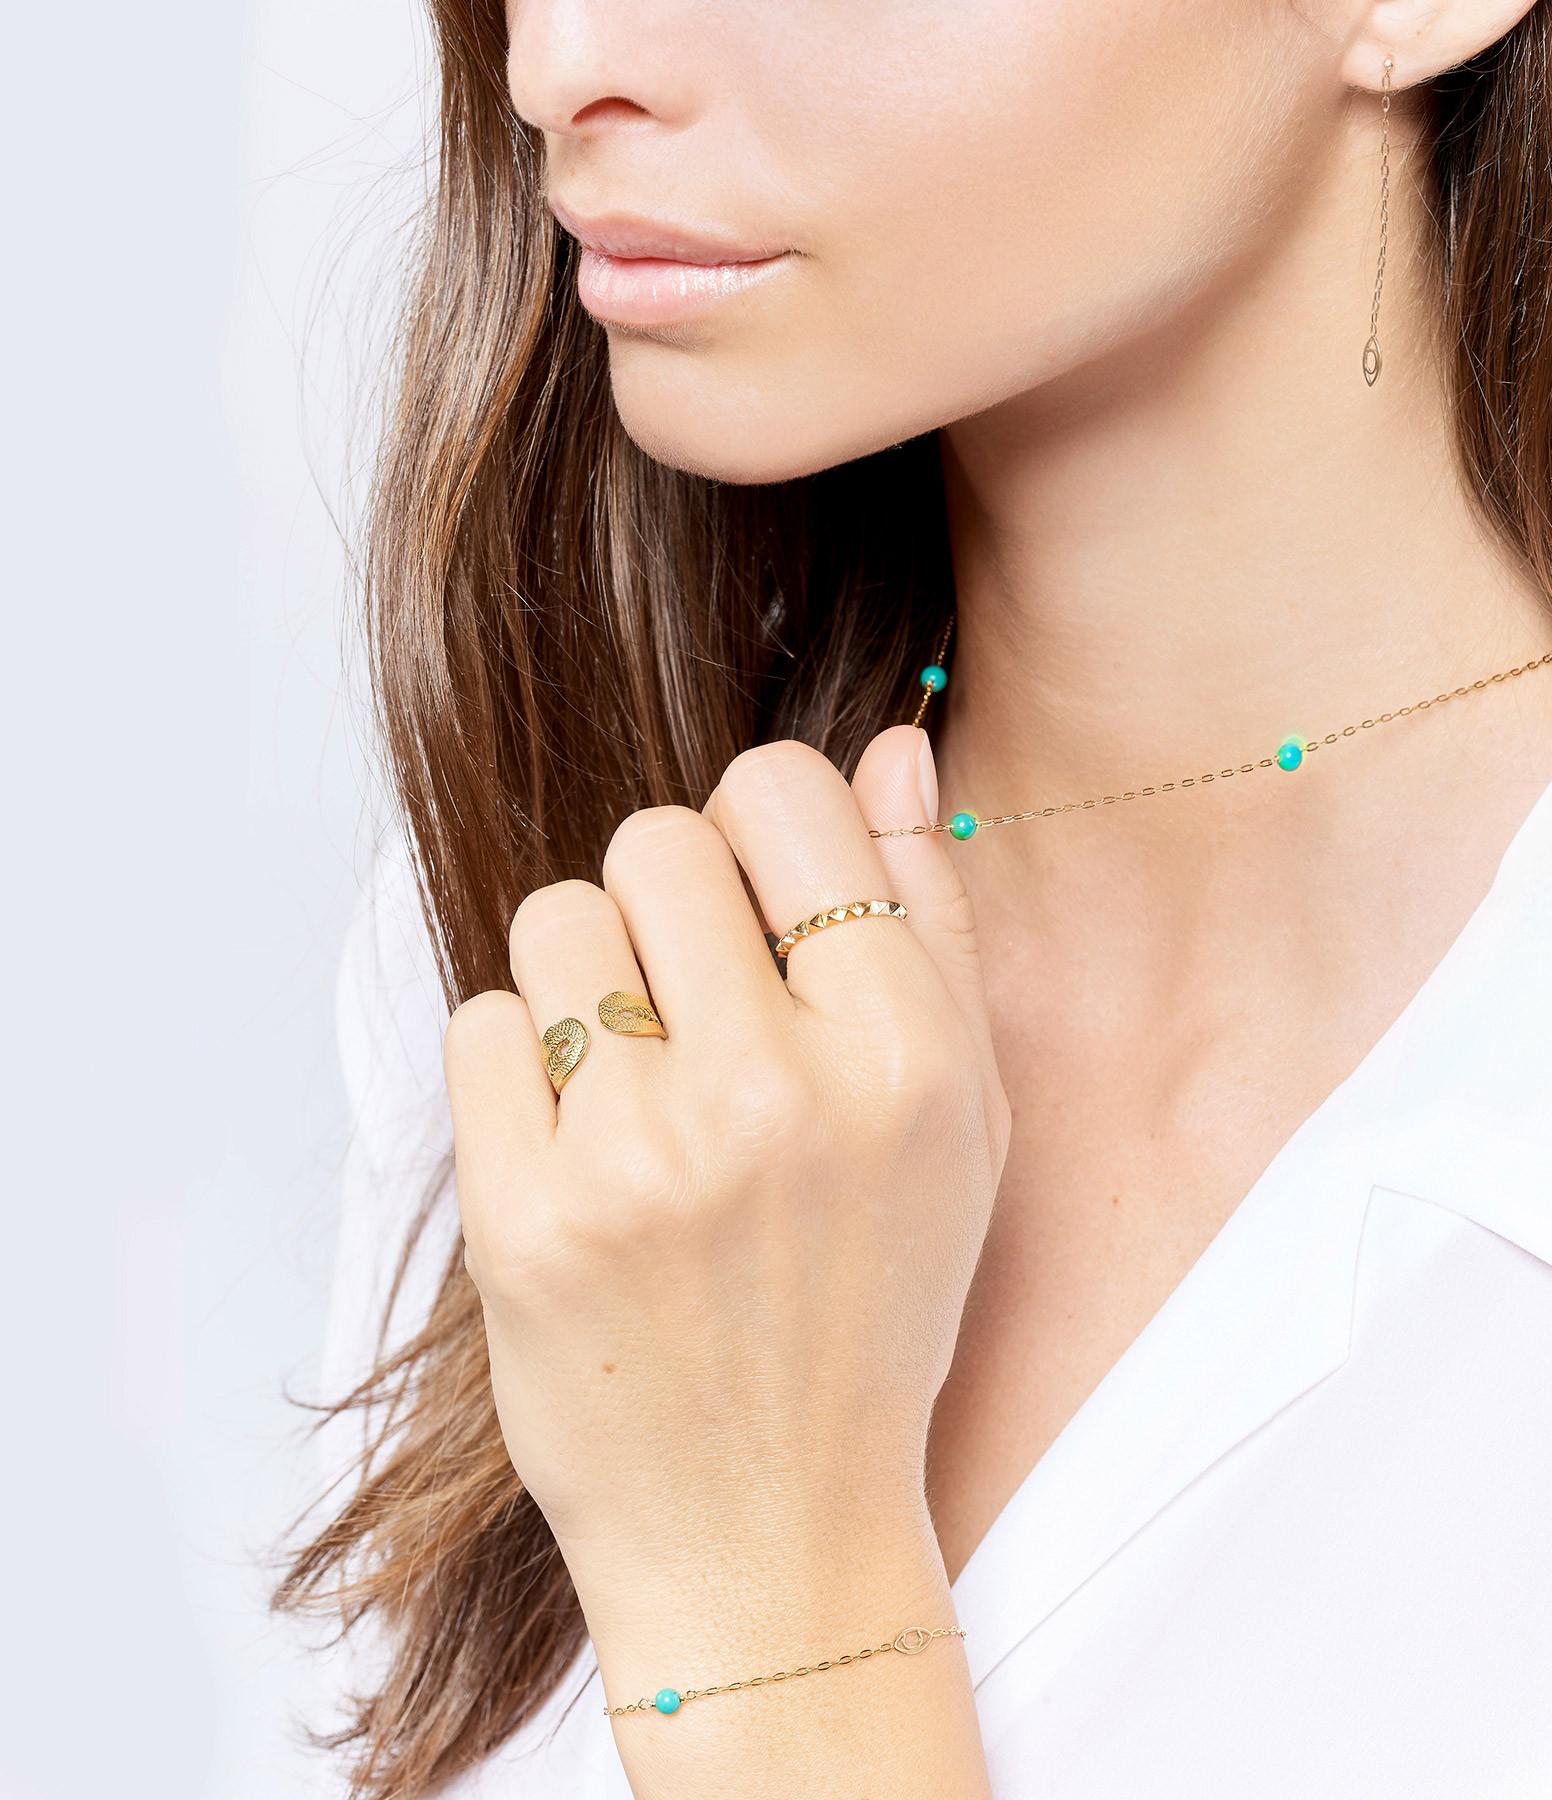 CHARLET - Bracelet Massilia Turquoise